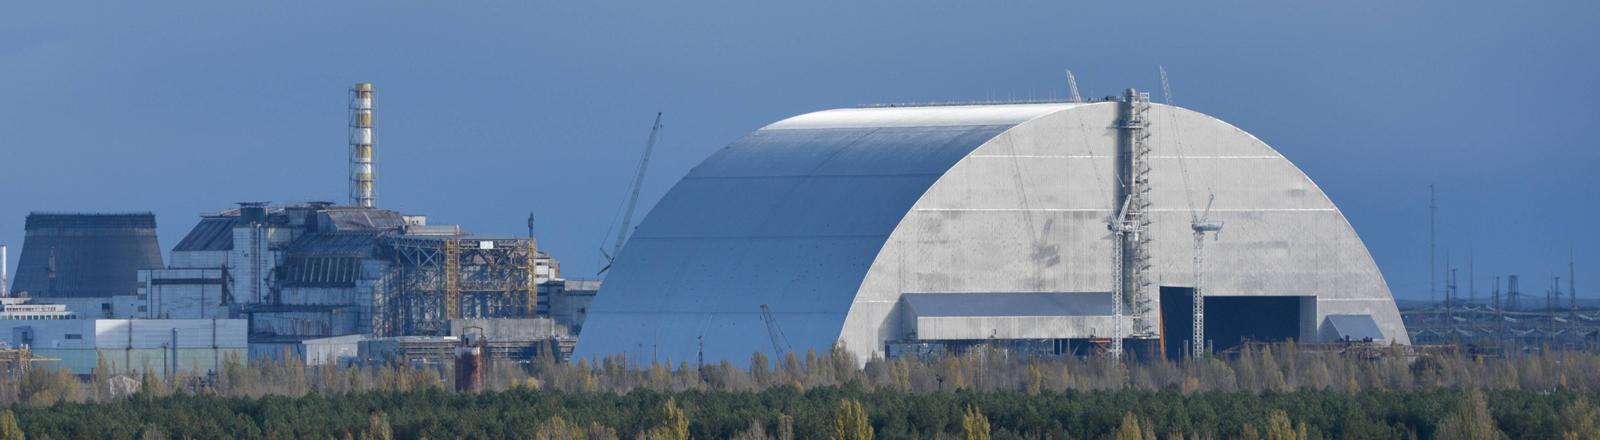 Die neue Hülle über dem Reaktor von Tschernobyl